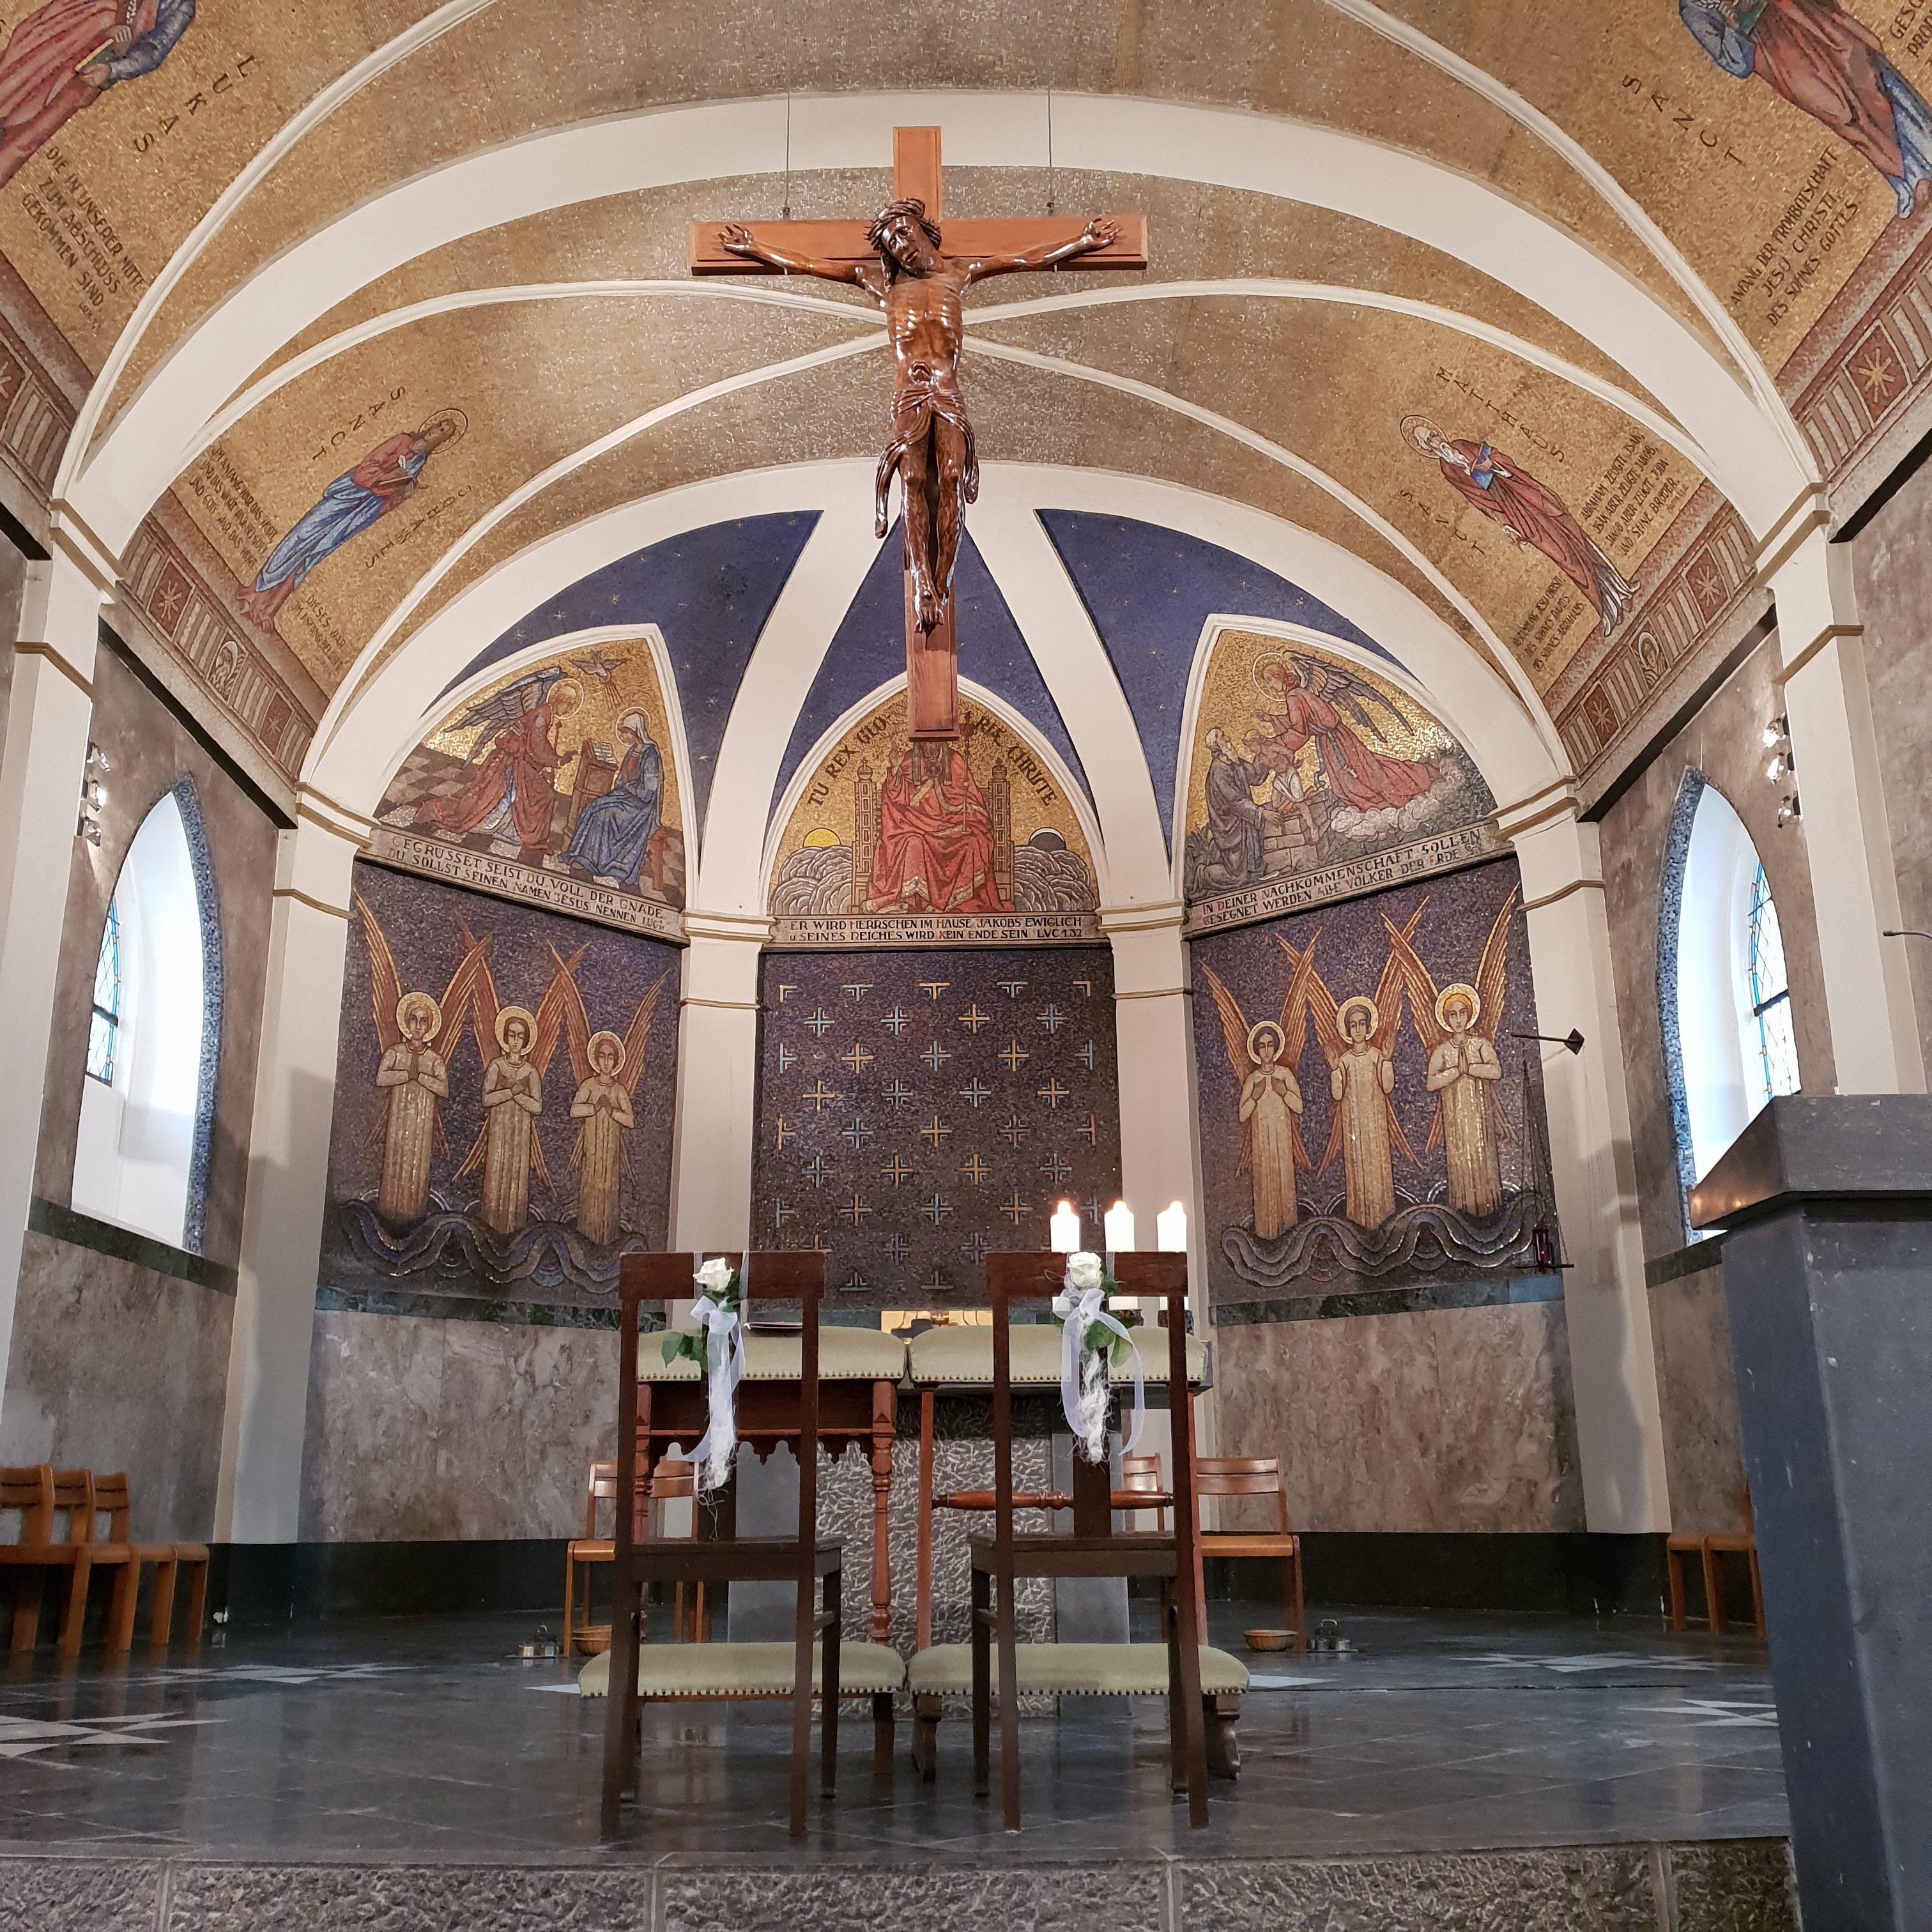 Hochzeitssängerin Gabriele Golsch - Hochzeit, Taufe, Beerdigung in St. Helena in Viersen